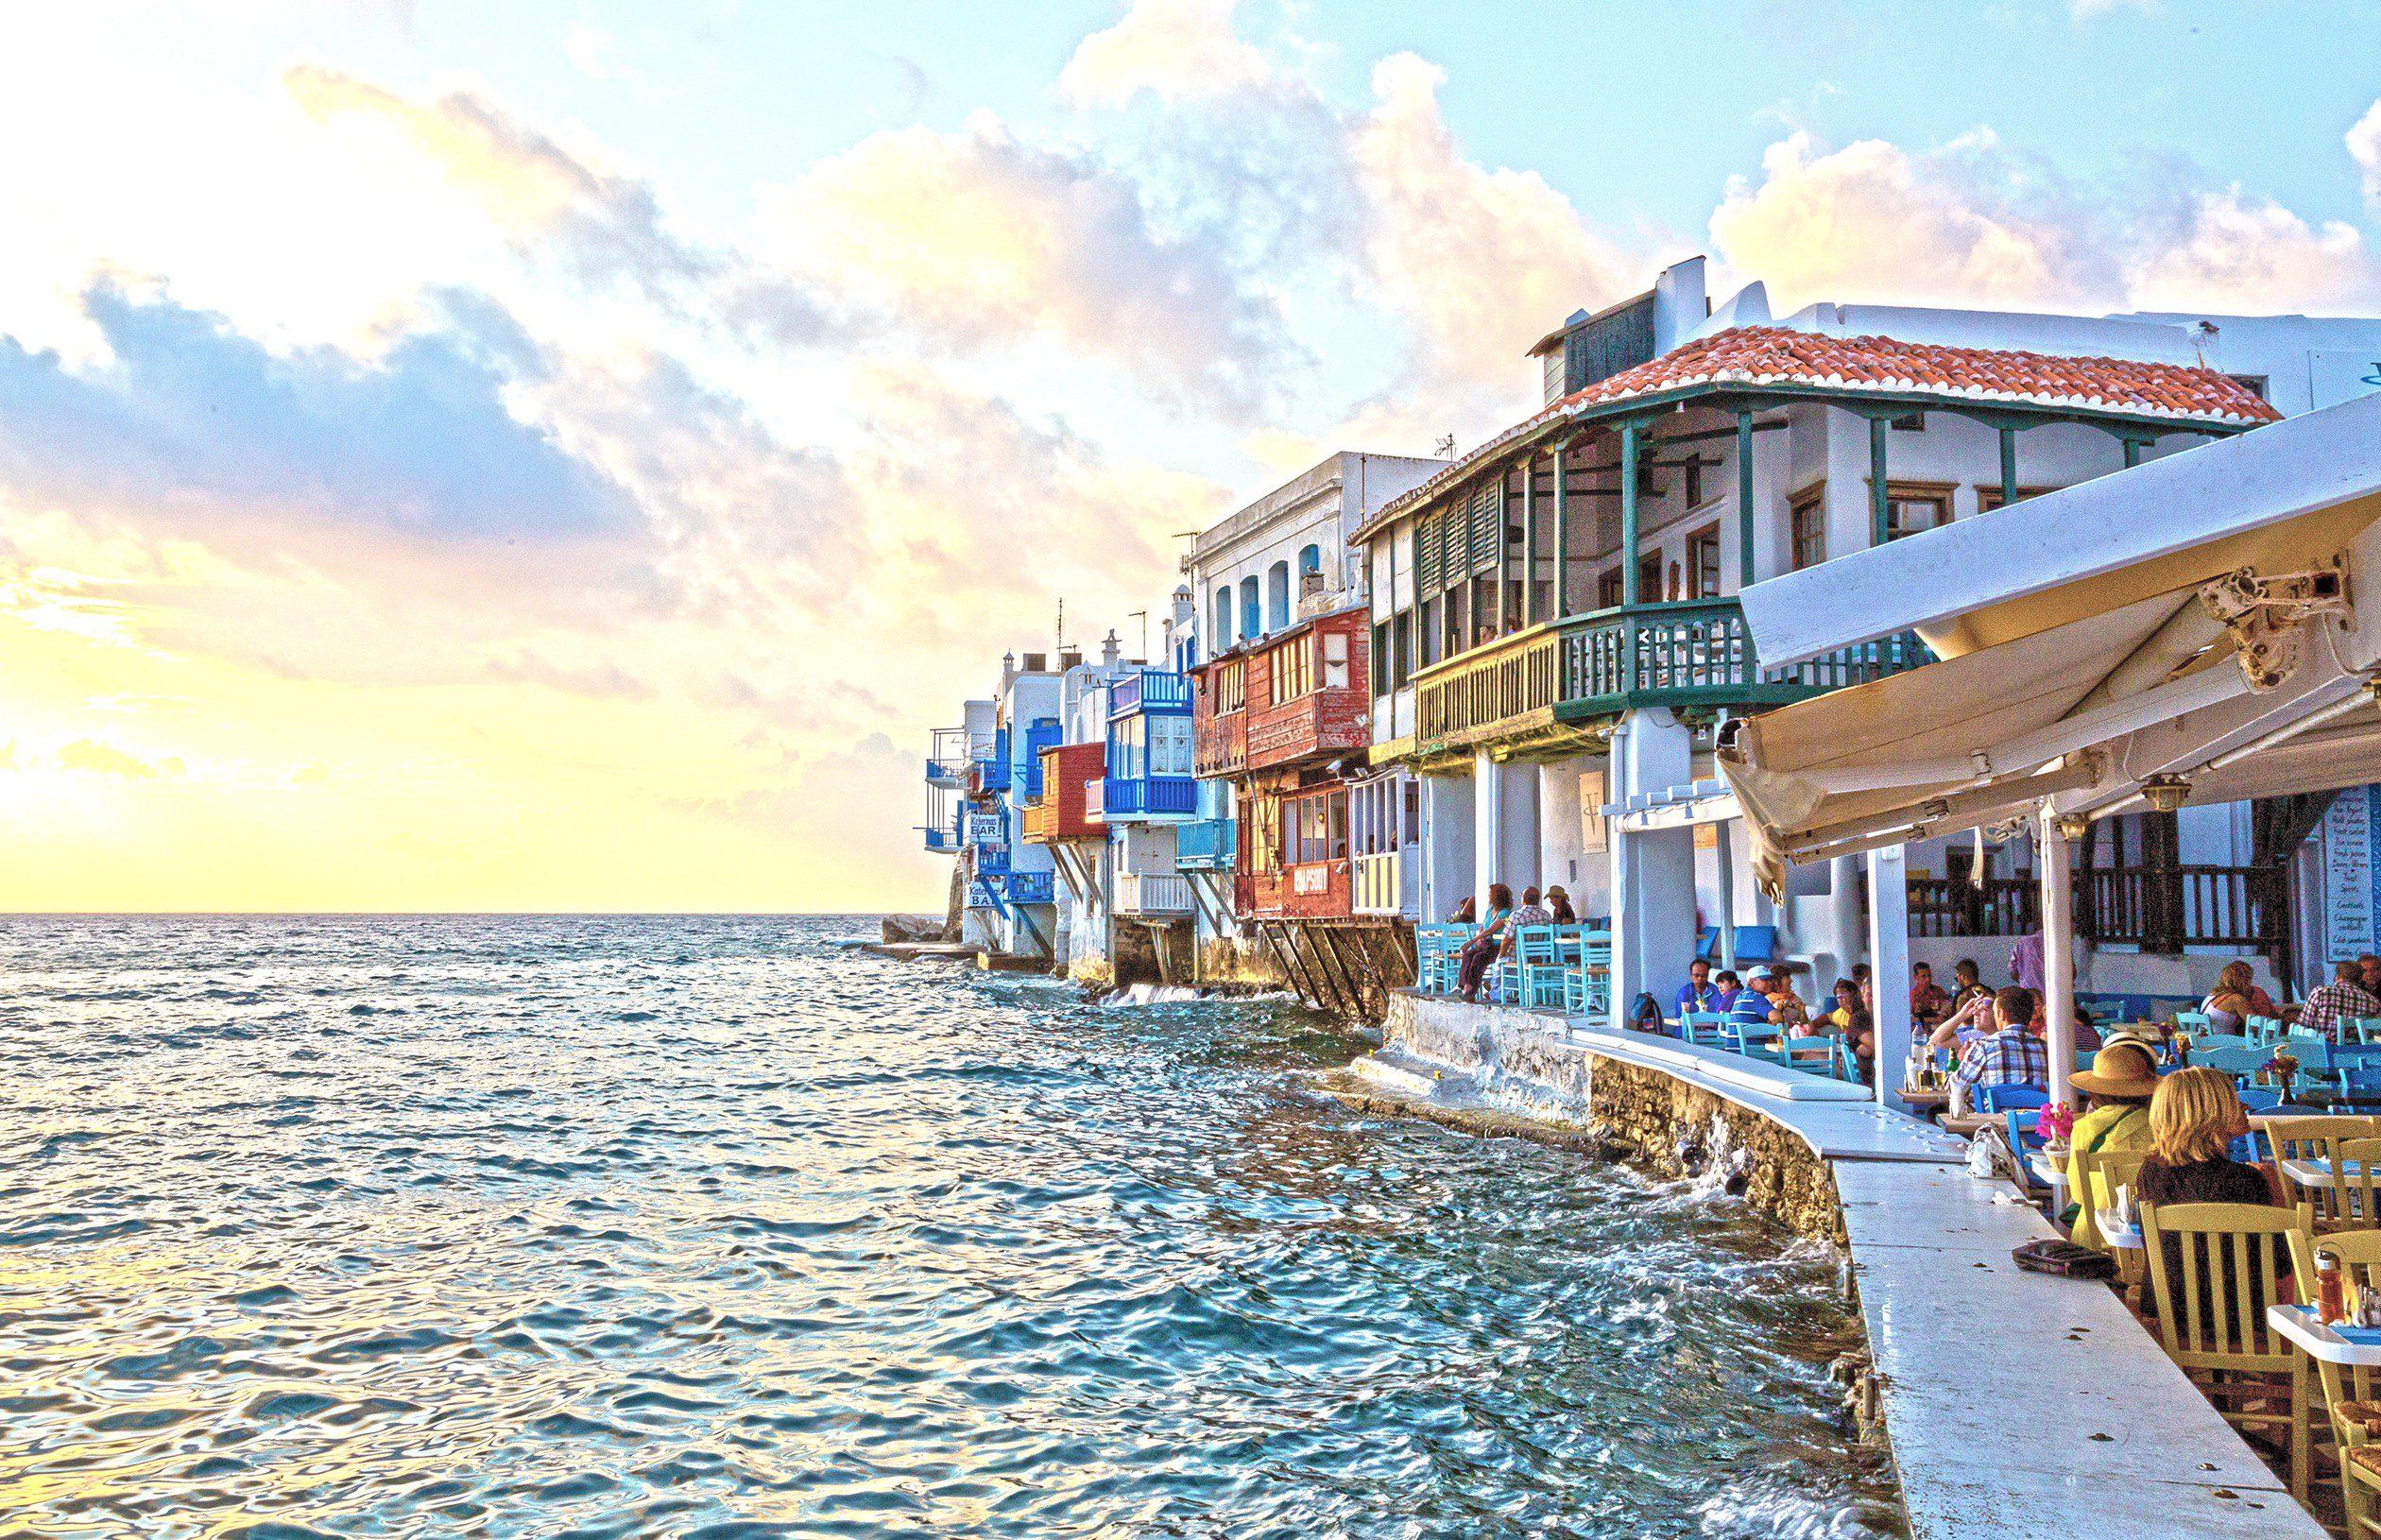 crociera isole greche maggio 2016 - 4 isole